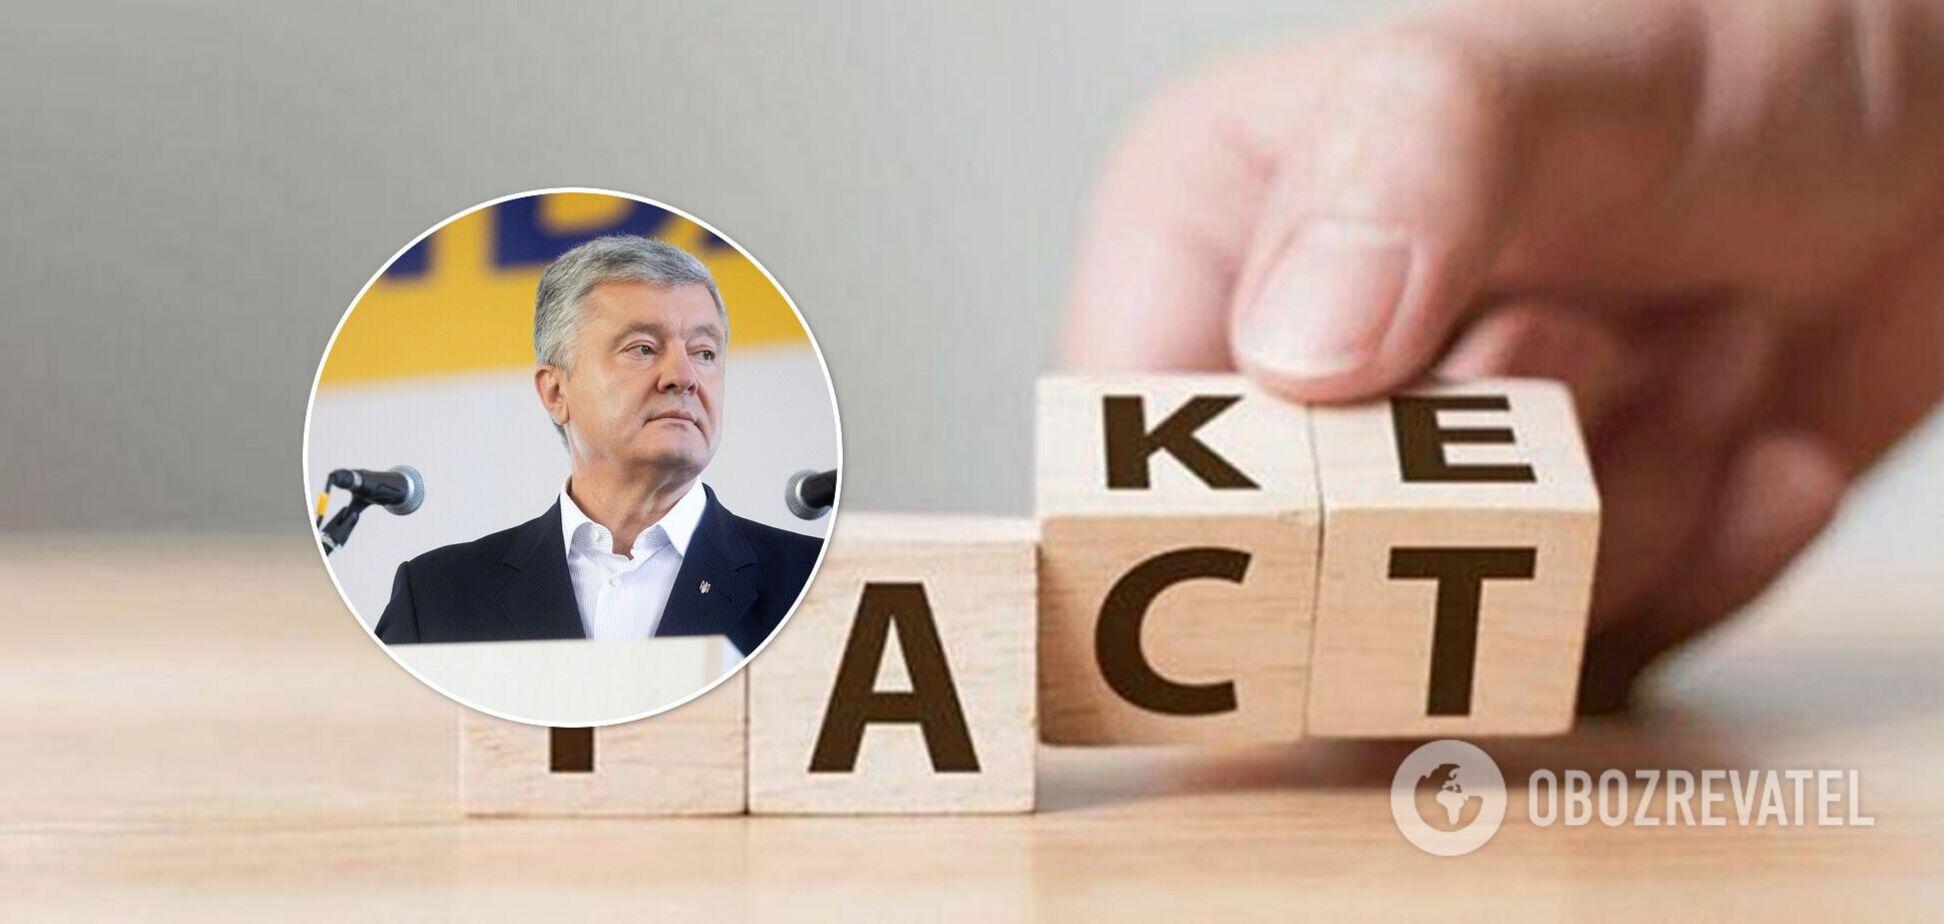 Известный политолог попал в скандал из-за фейка о Порошенко